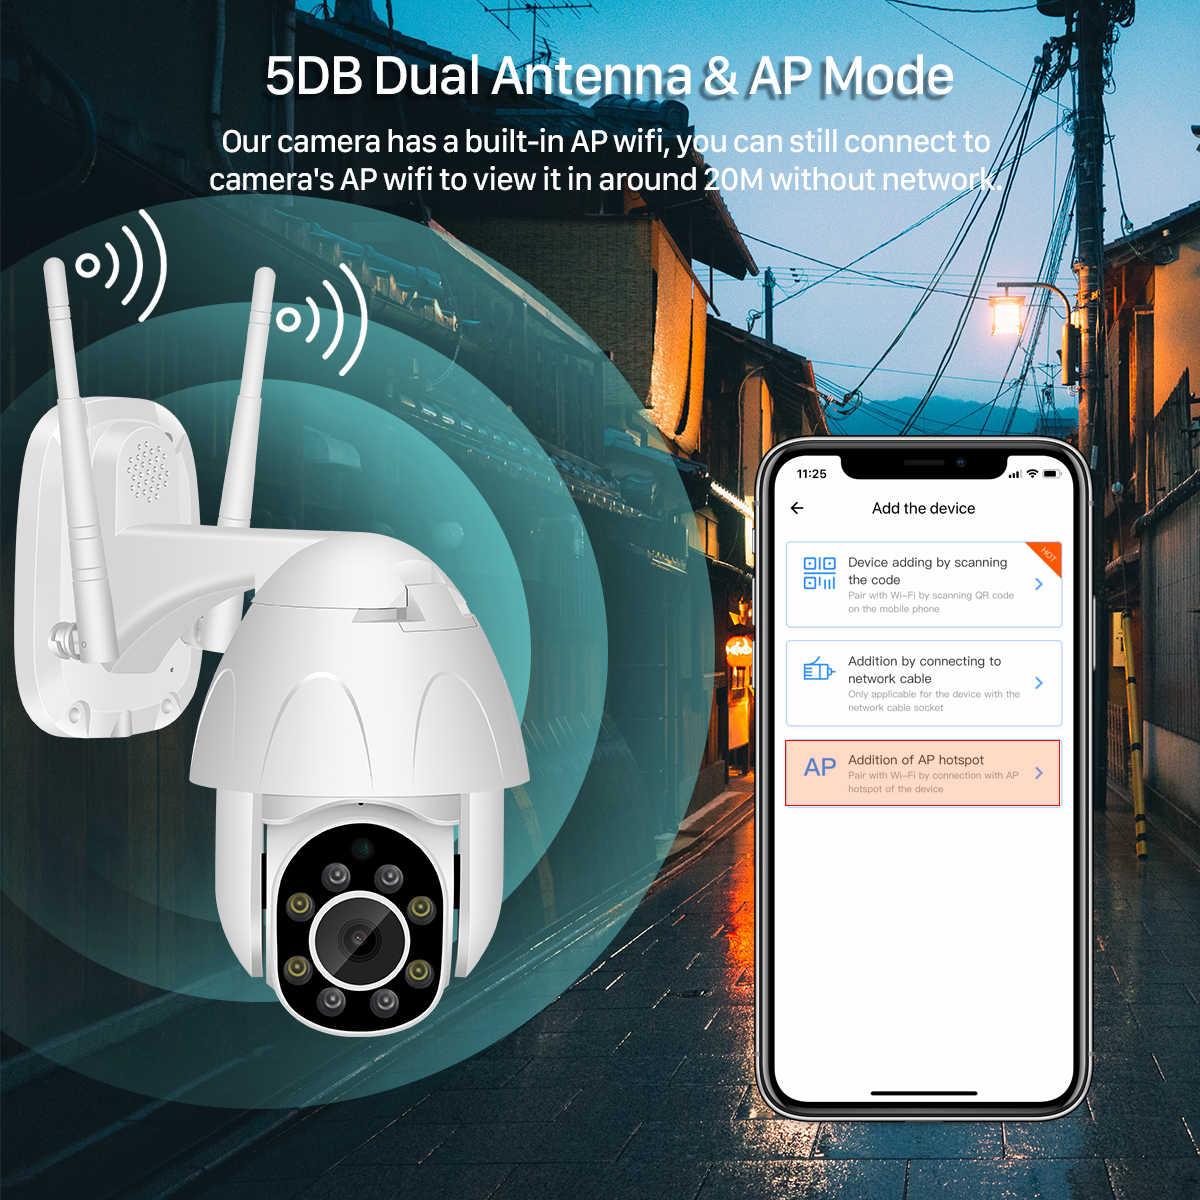 Neng 1080P PTZ Camera IP Ngoài Trời Tốc Độ Dome Wifi Camera An Ninh Chảo Nghiêng Mạng CAMERA QUAN SÁT Nhà Surveilance Chống Thấm Nước